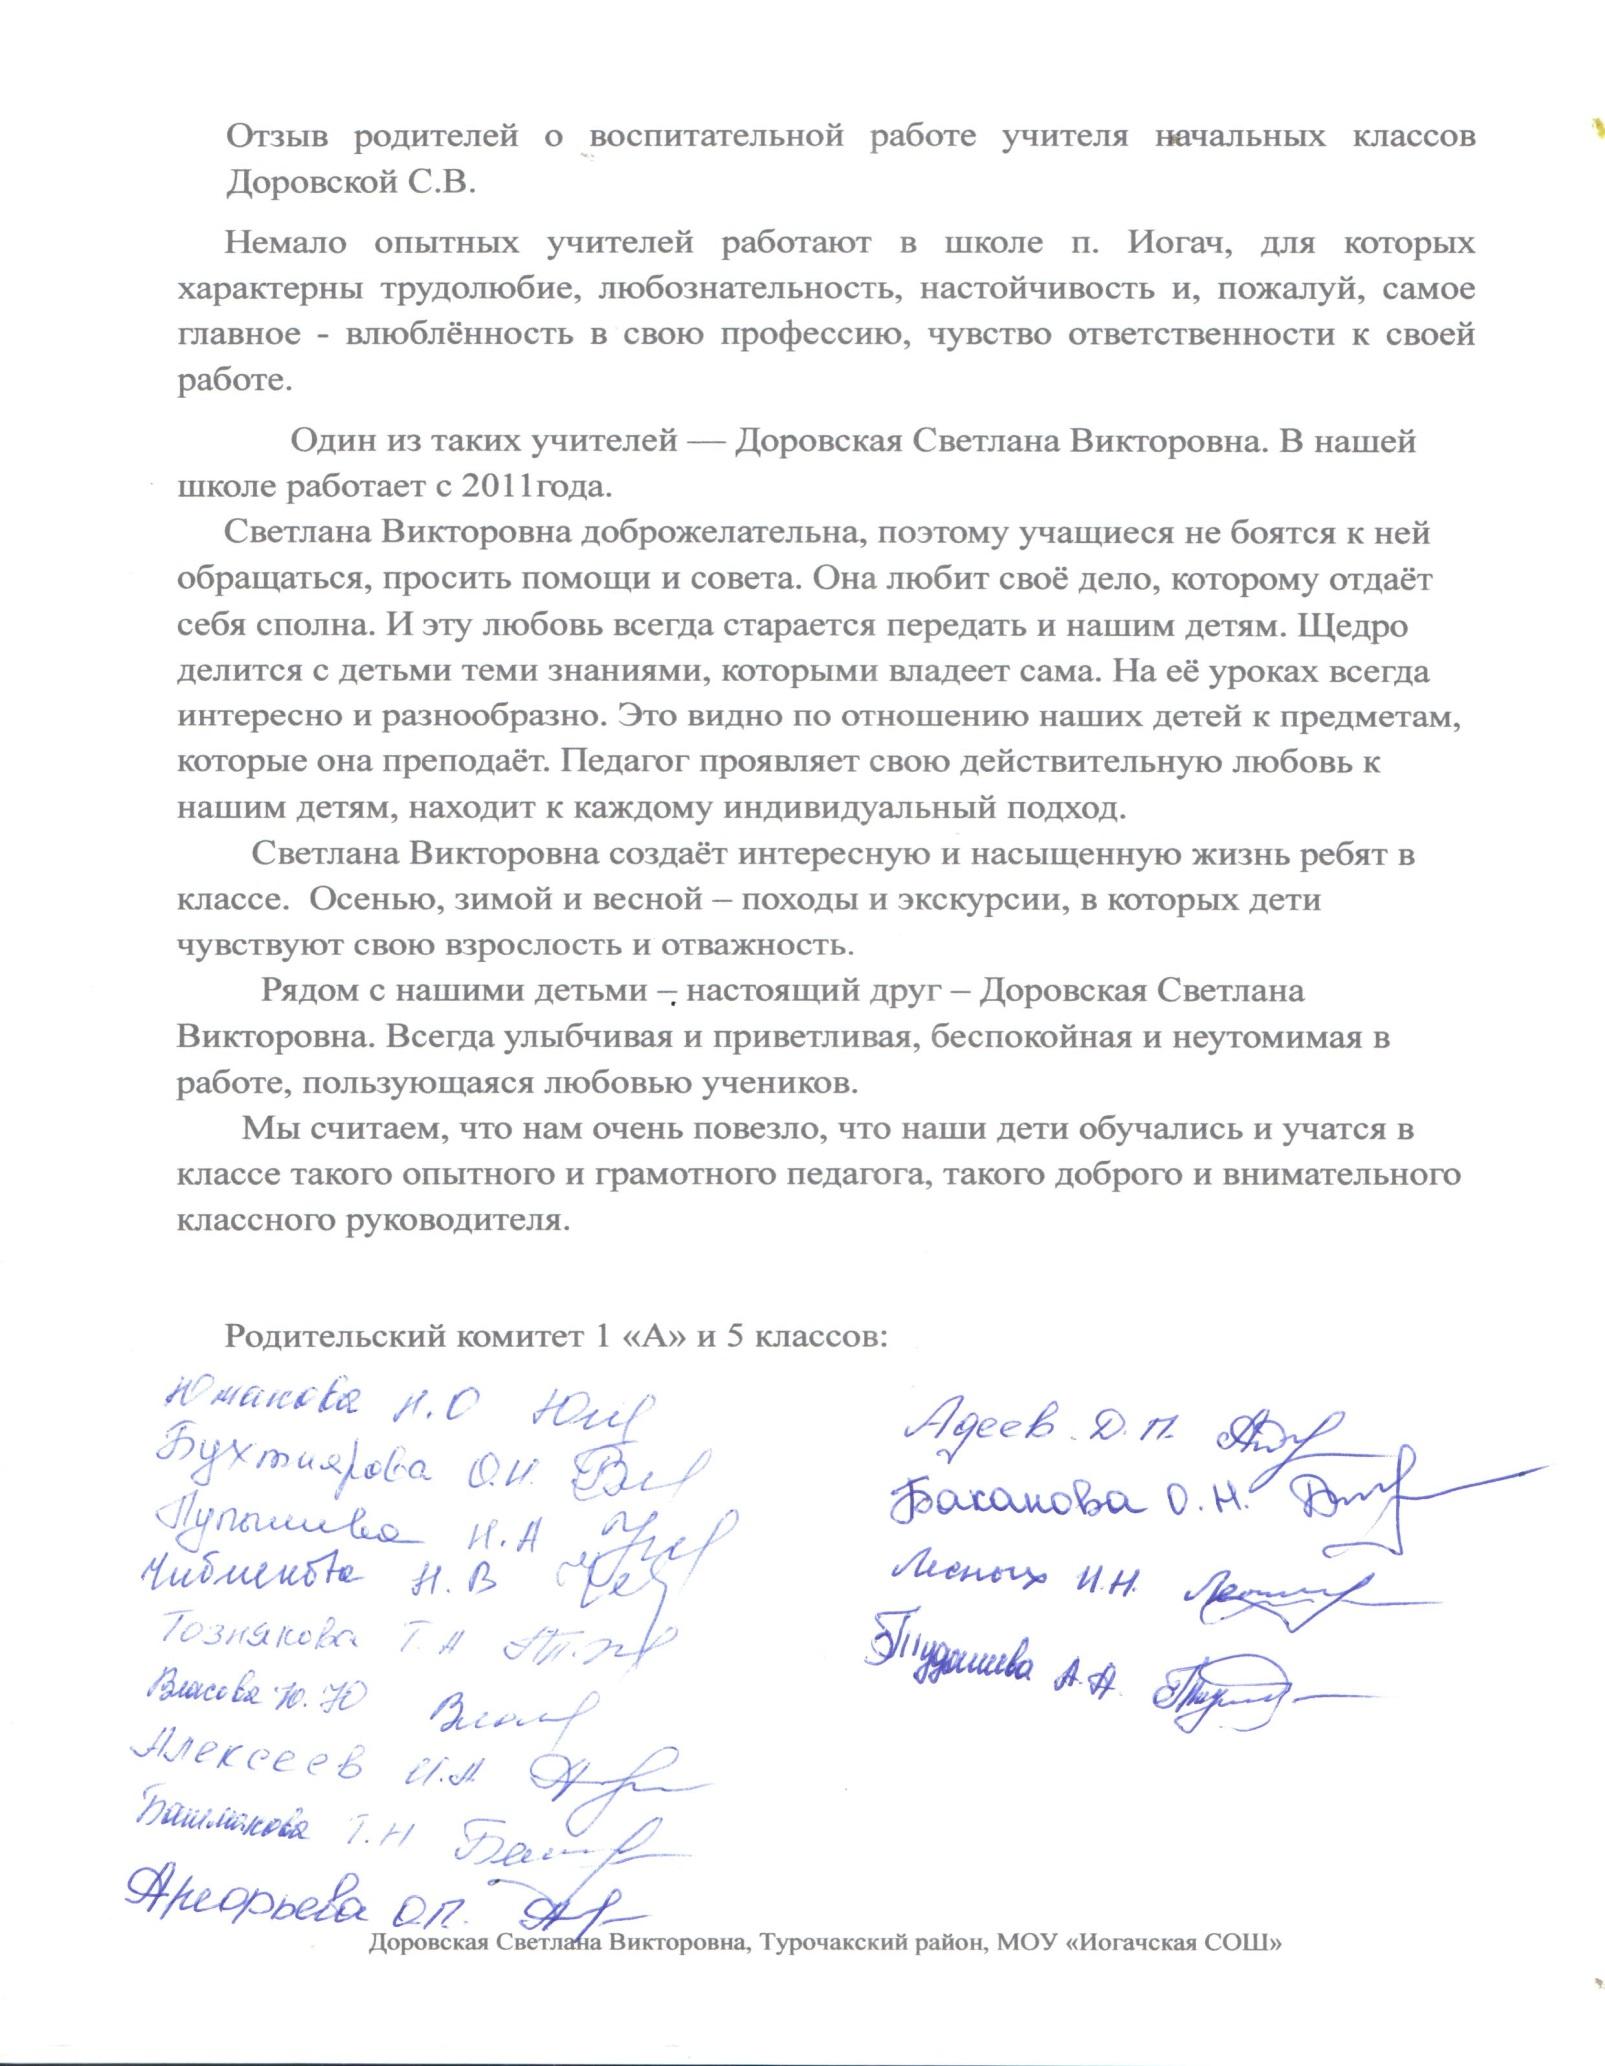 E:\Доровская\scan 4.jpg